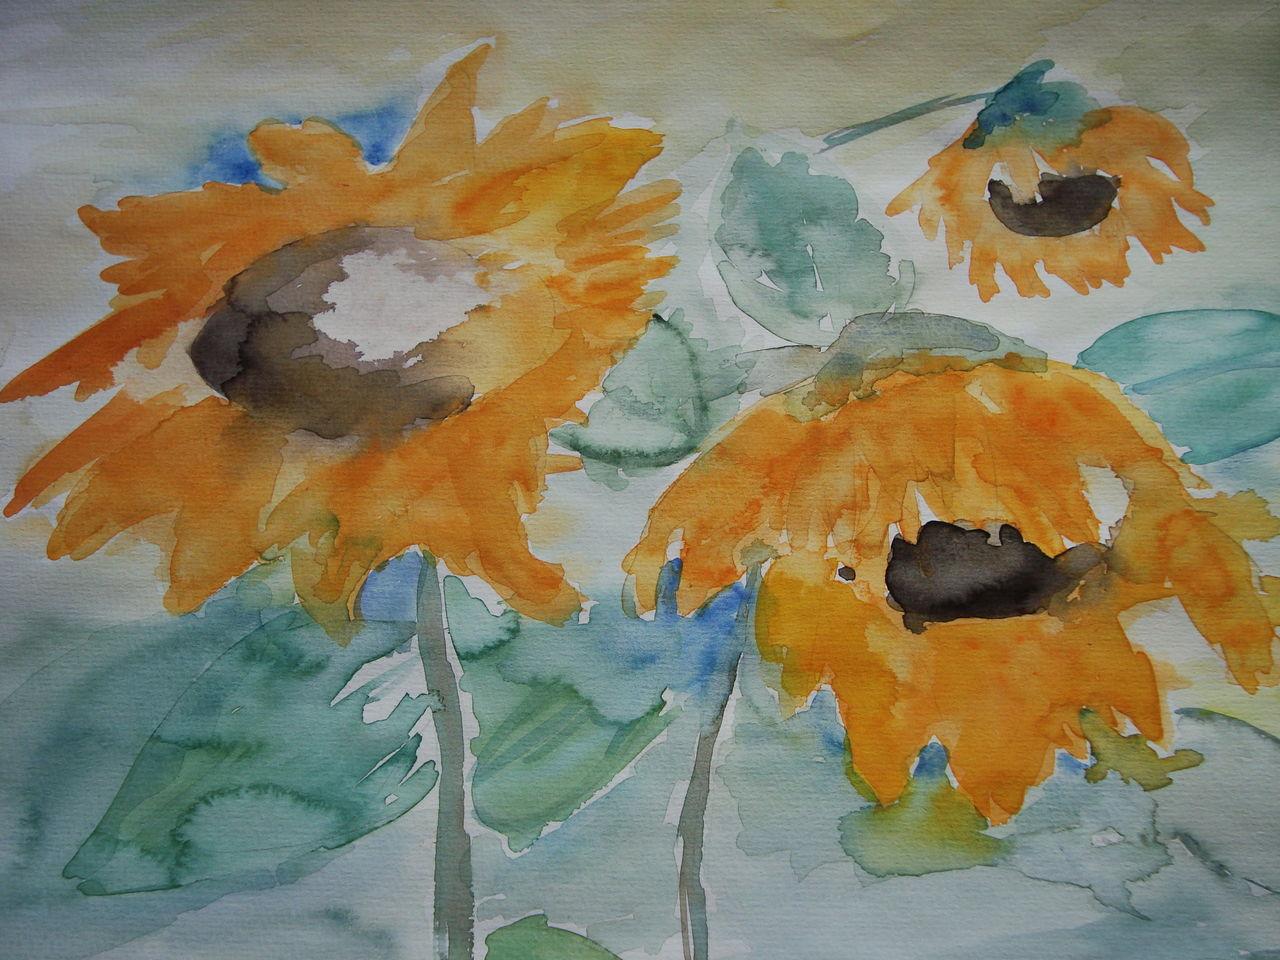 bild sonnenblumen aquarell pflanzen von jgasser bei. Black Bedroom Furniture Sets. Home Design Ideas